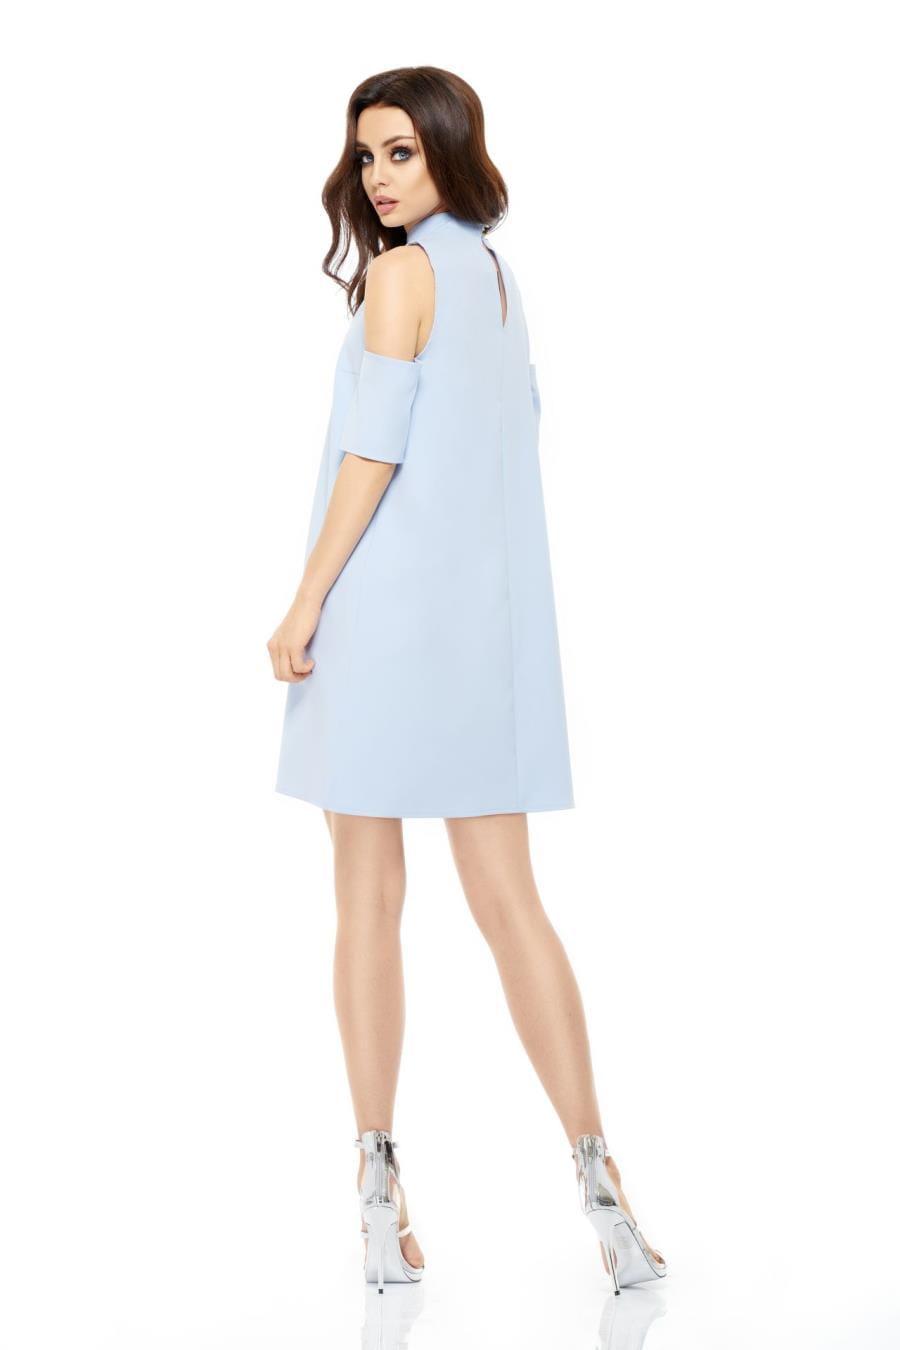 a16f897680 Trapezowa Sukienka z Odkrytymi Ramionami Błękitna LEL245 BESIMA.pl